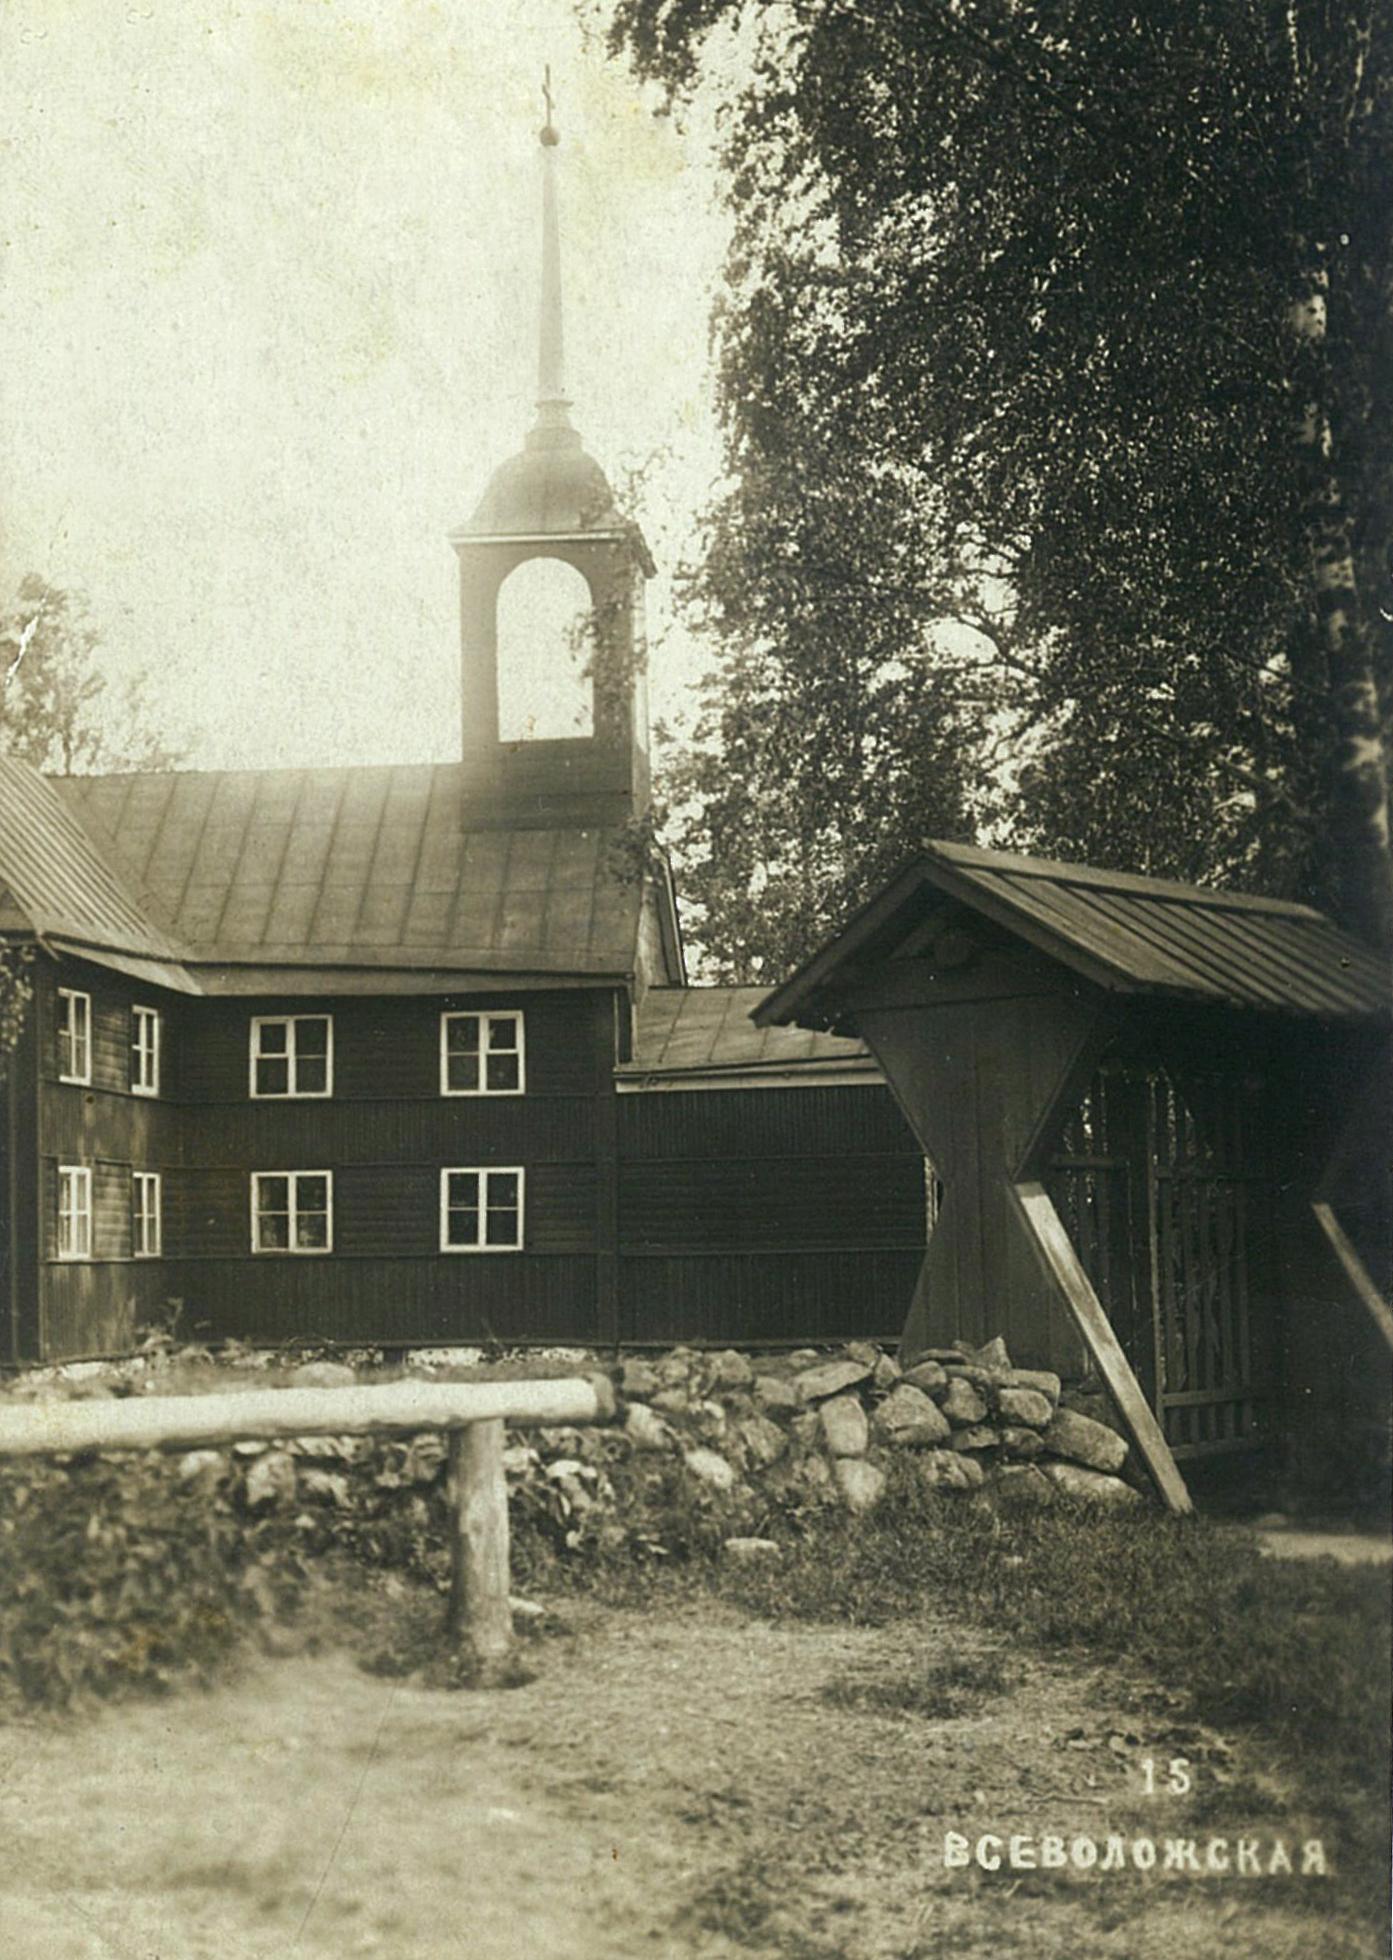 Деревянное здание с церковью